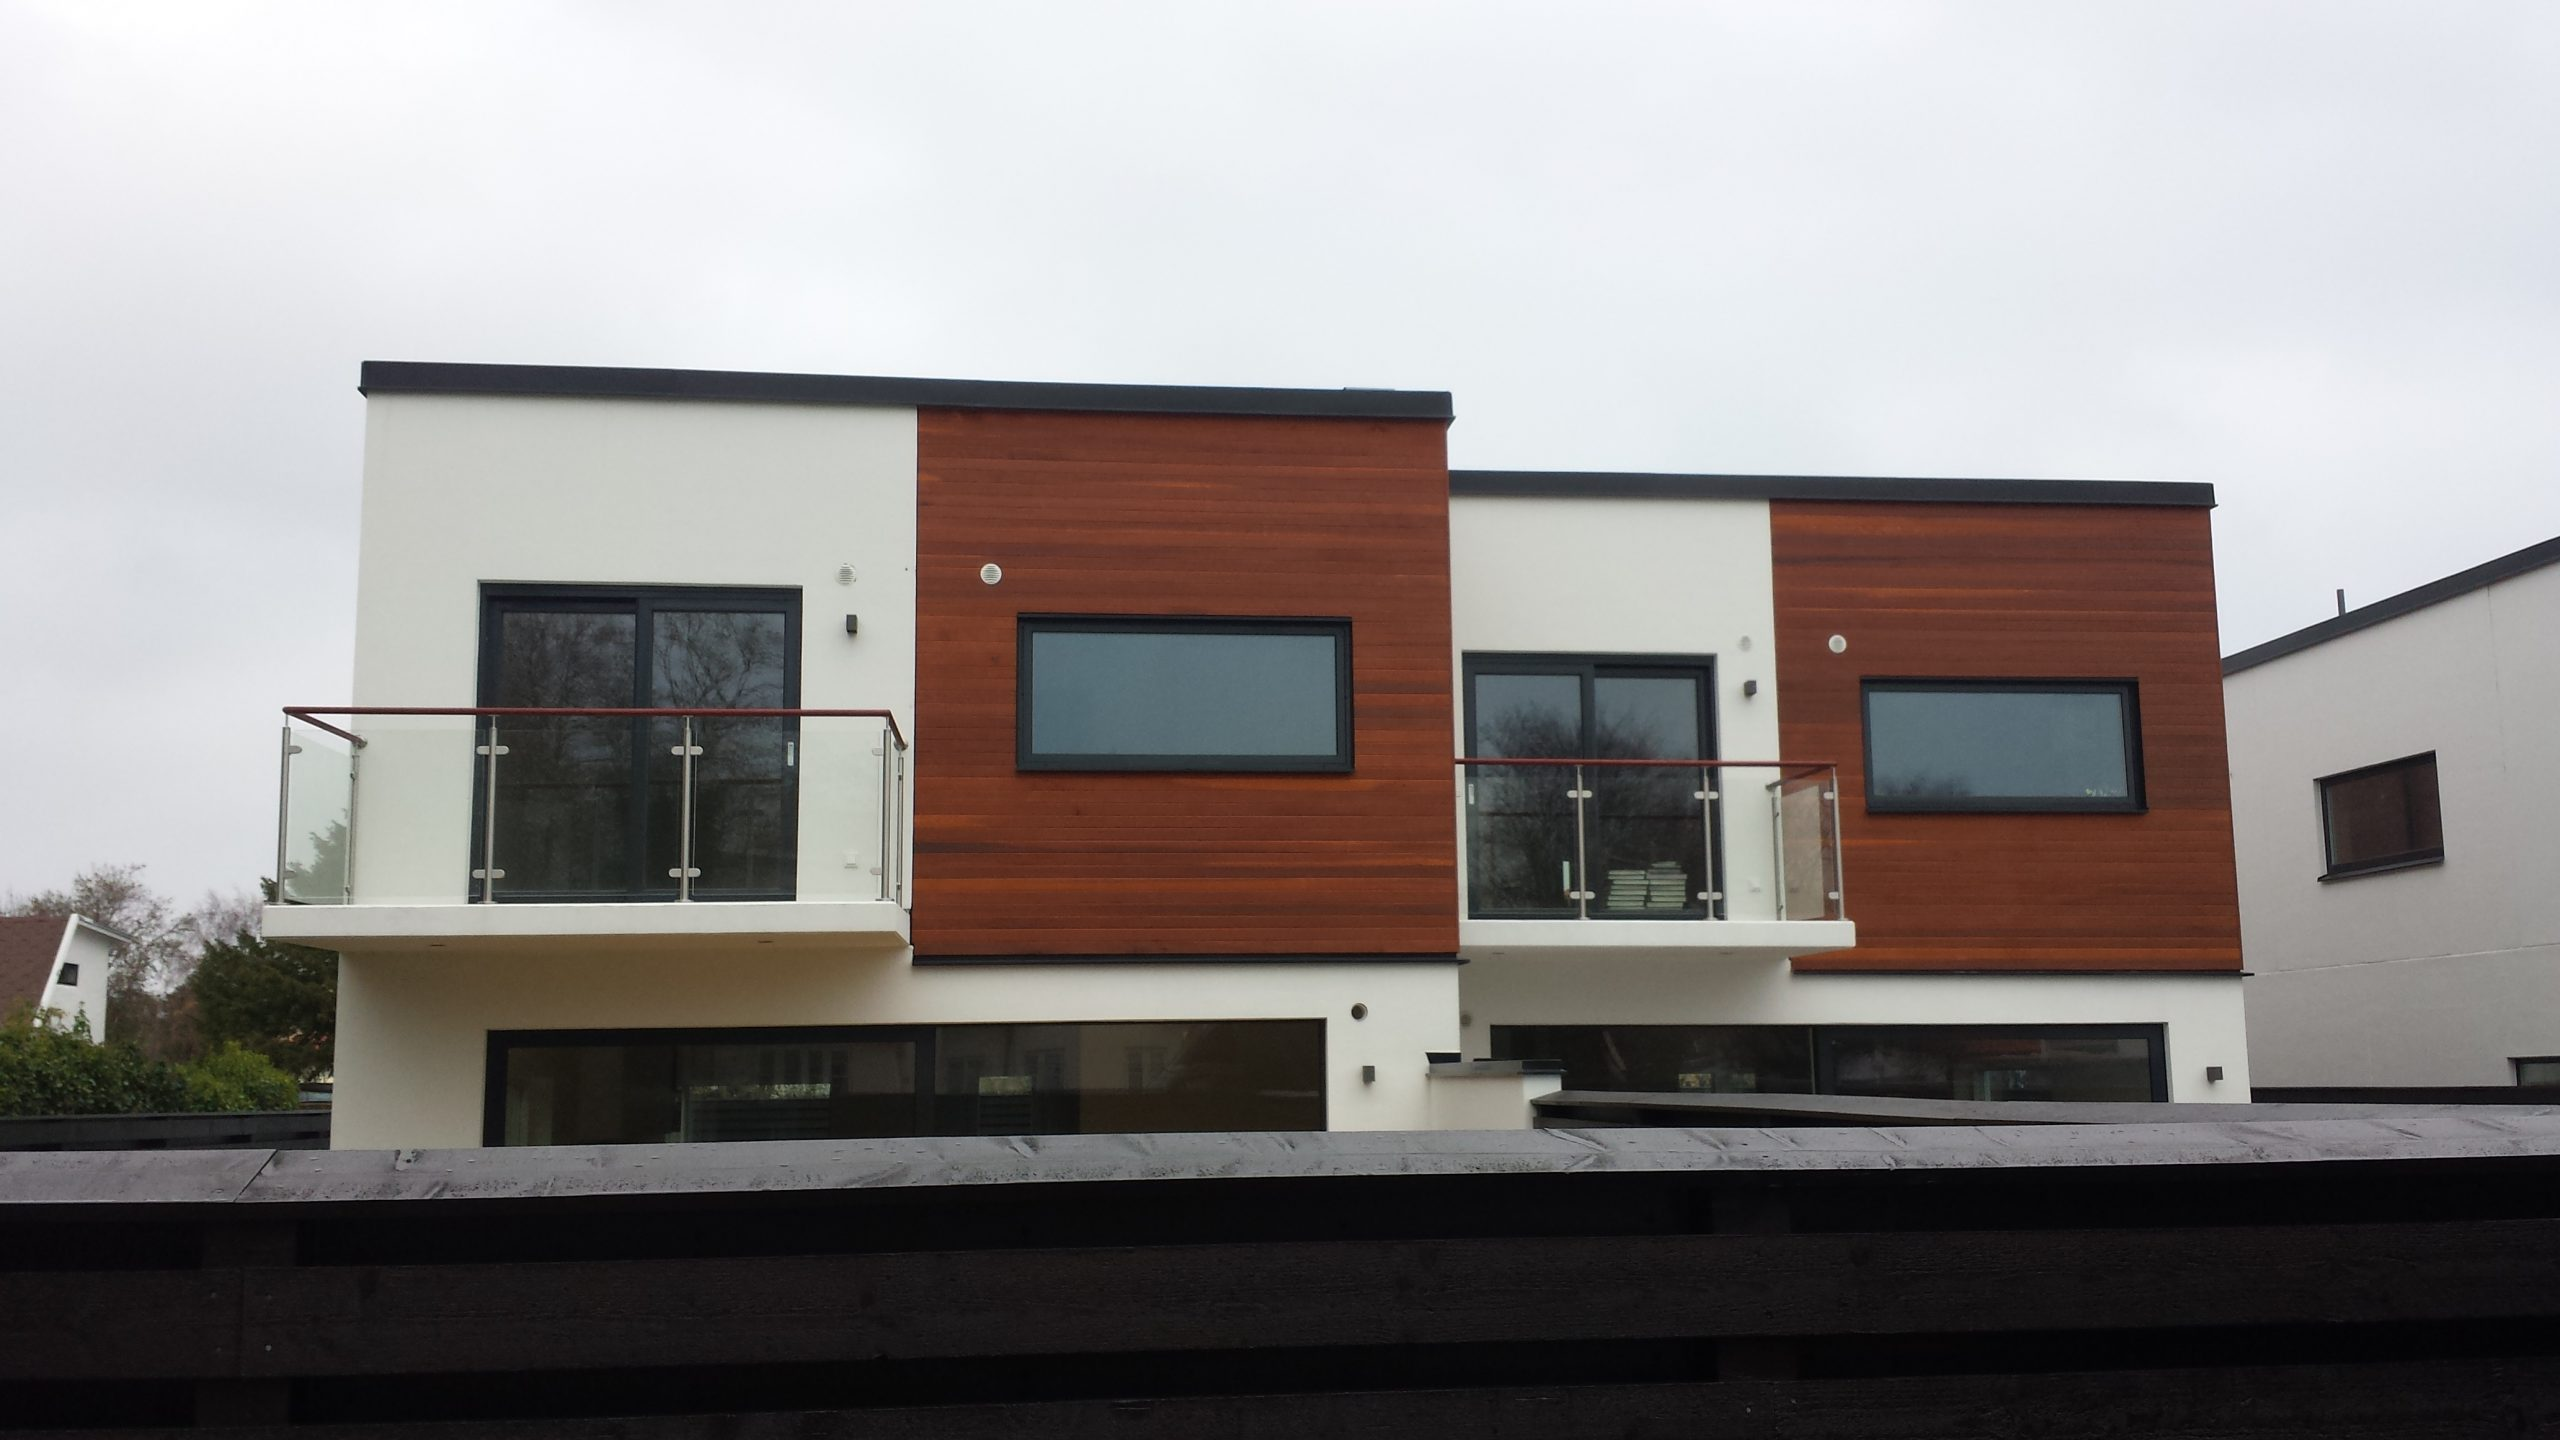 Cederträ fasad